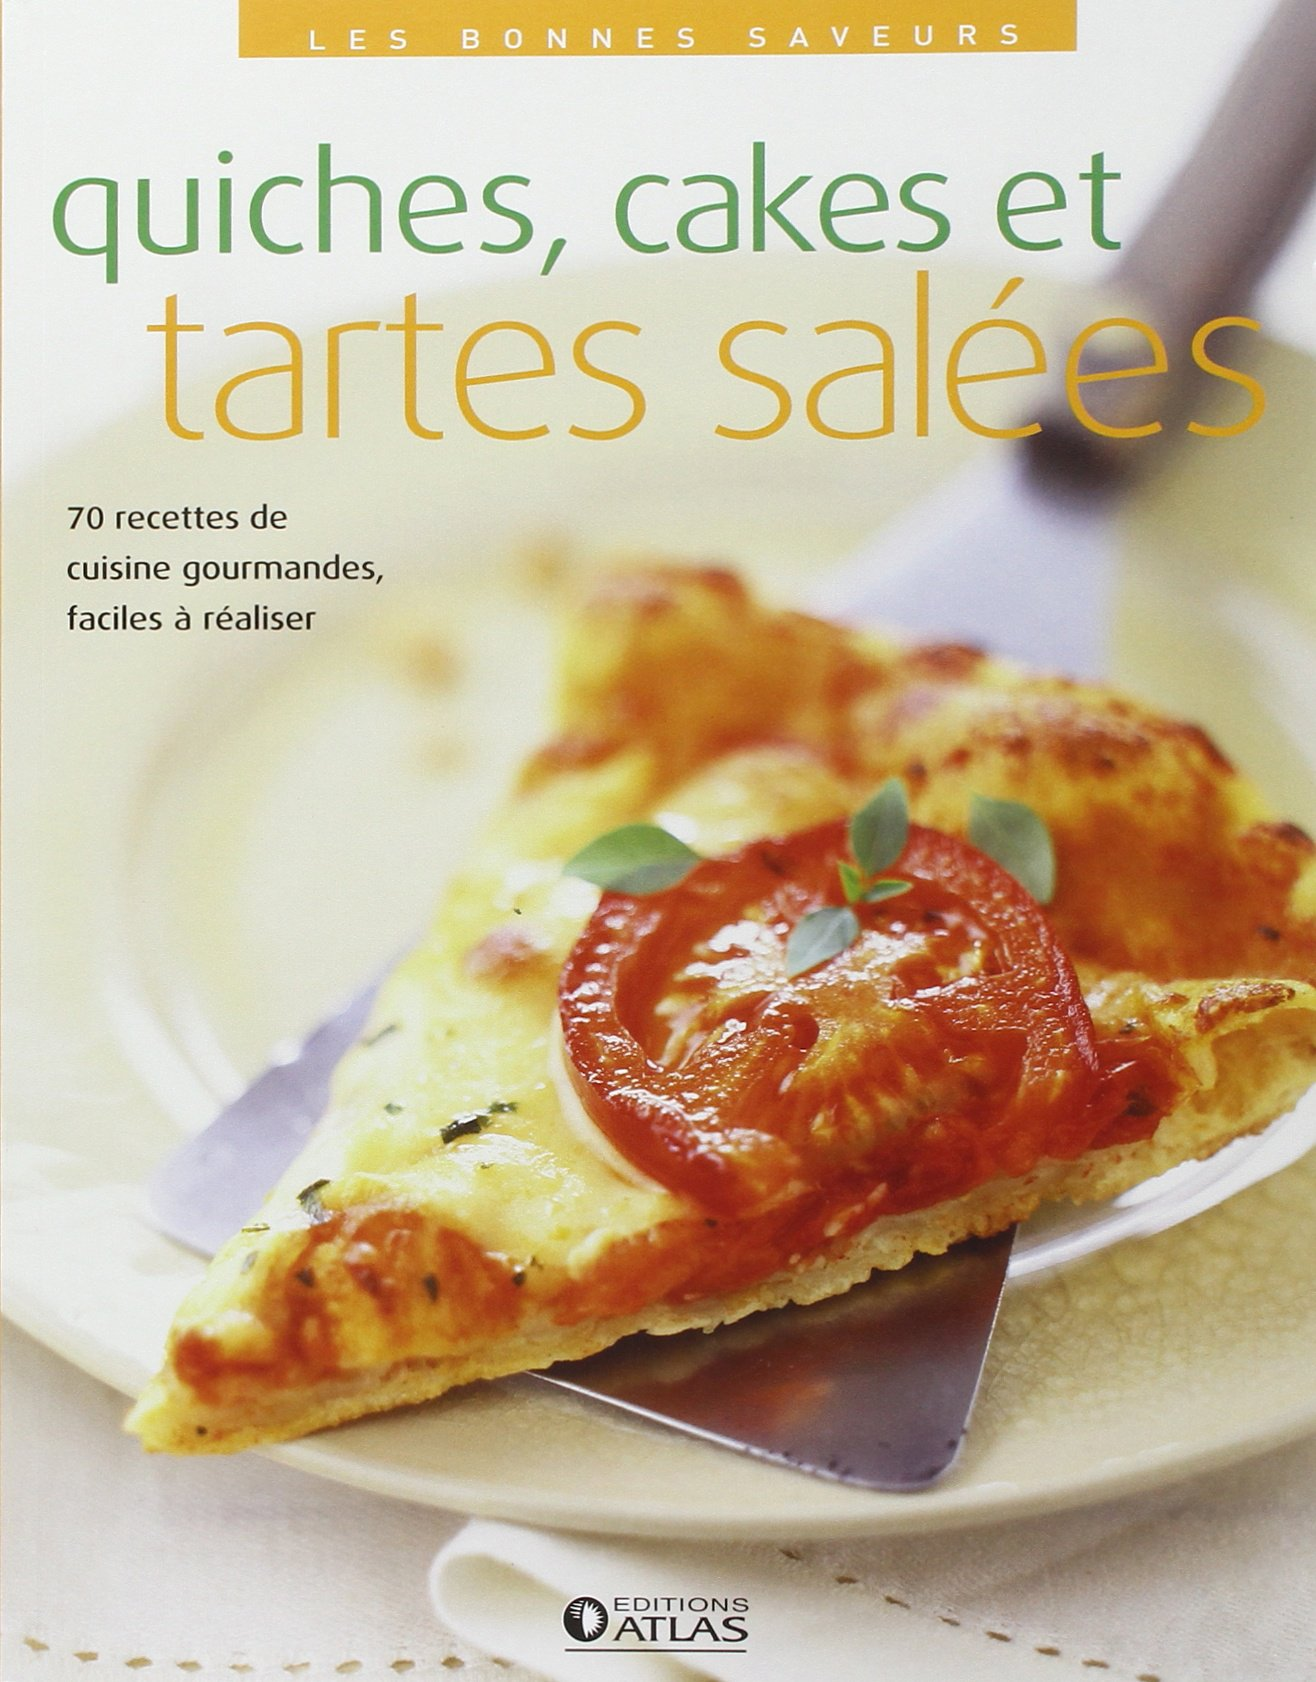 Amazon.fr - Les bonnes saveurs - Quiches, cakes et tartes salées -  Collectif - Livres